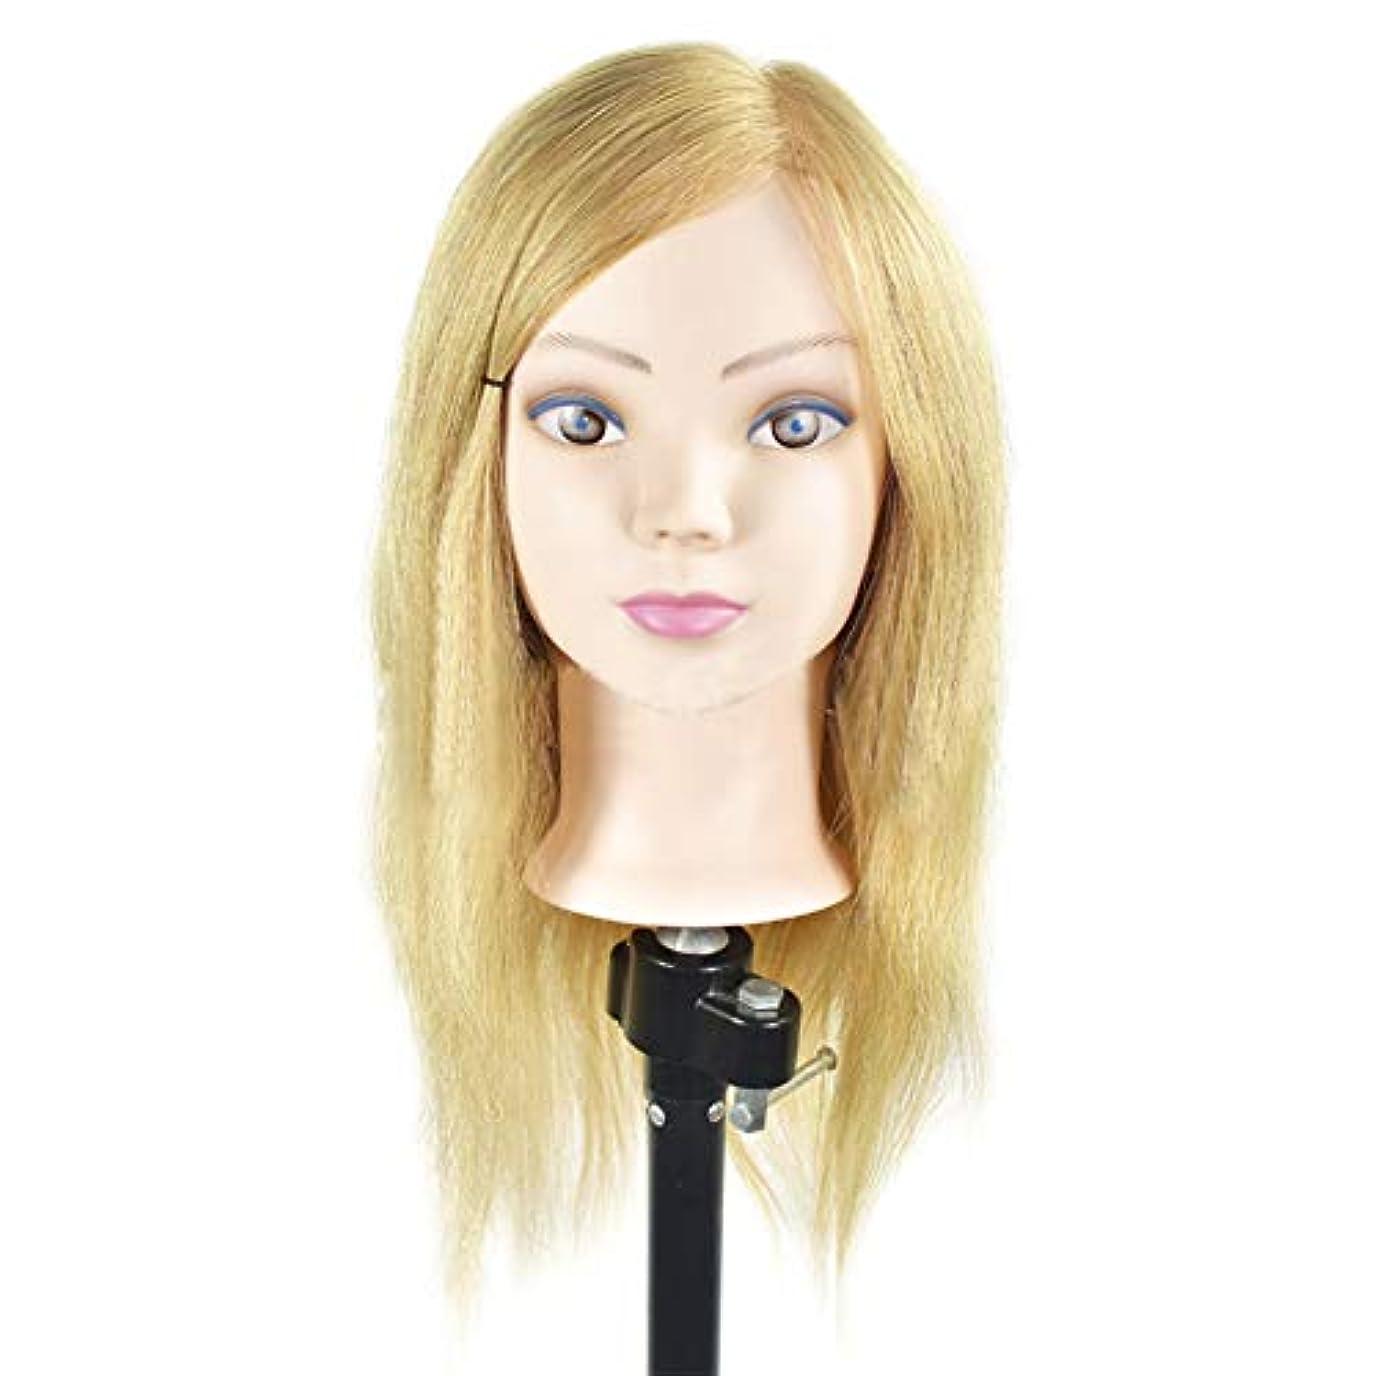 コードレスカウントアップバーマド本物の髪髪編組髪ヘアホット染料ヘッド型サロンモデリングウィッグエクササイズヘッド散髪学習ダミーヘッド